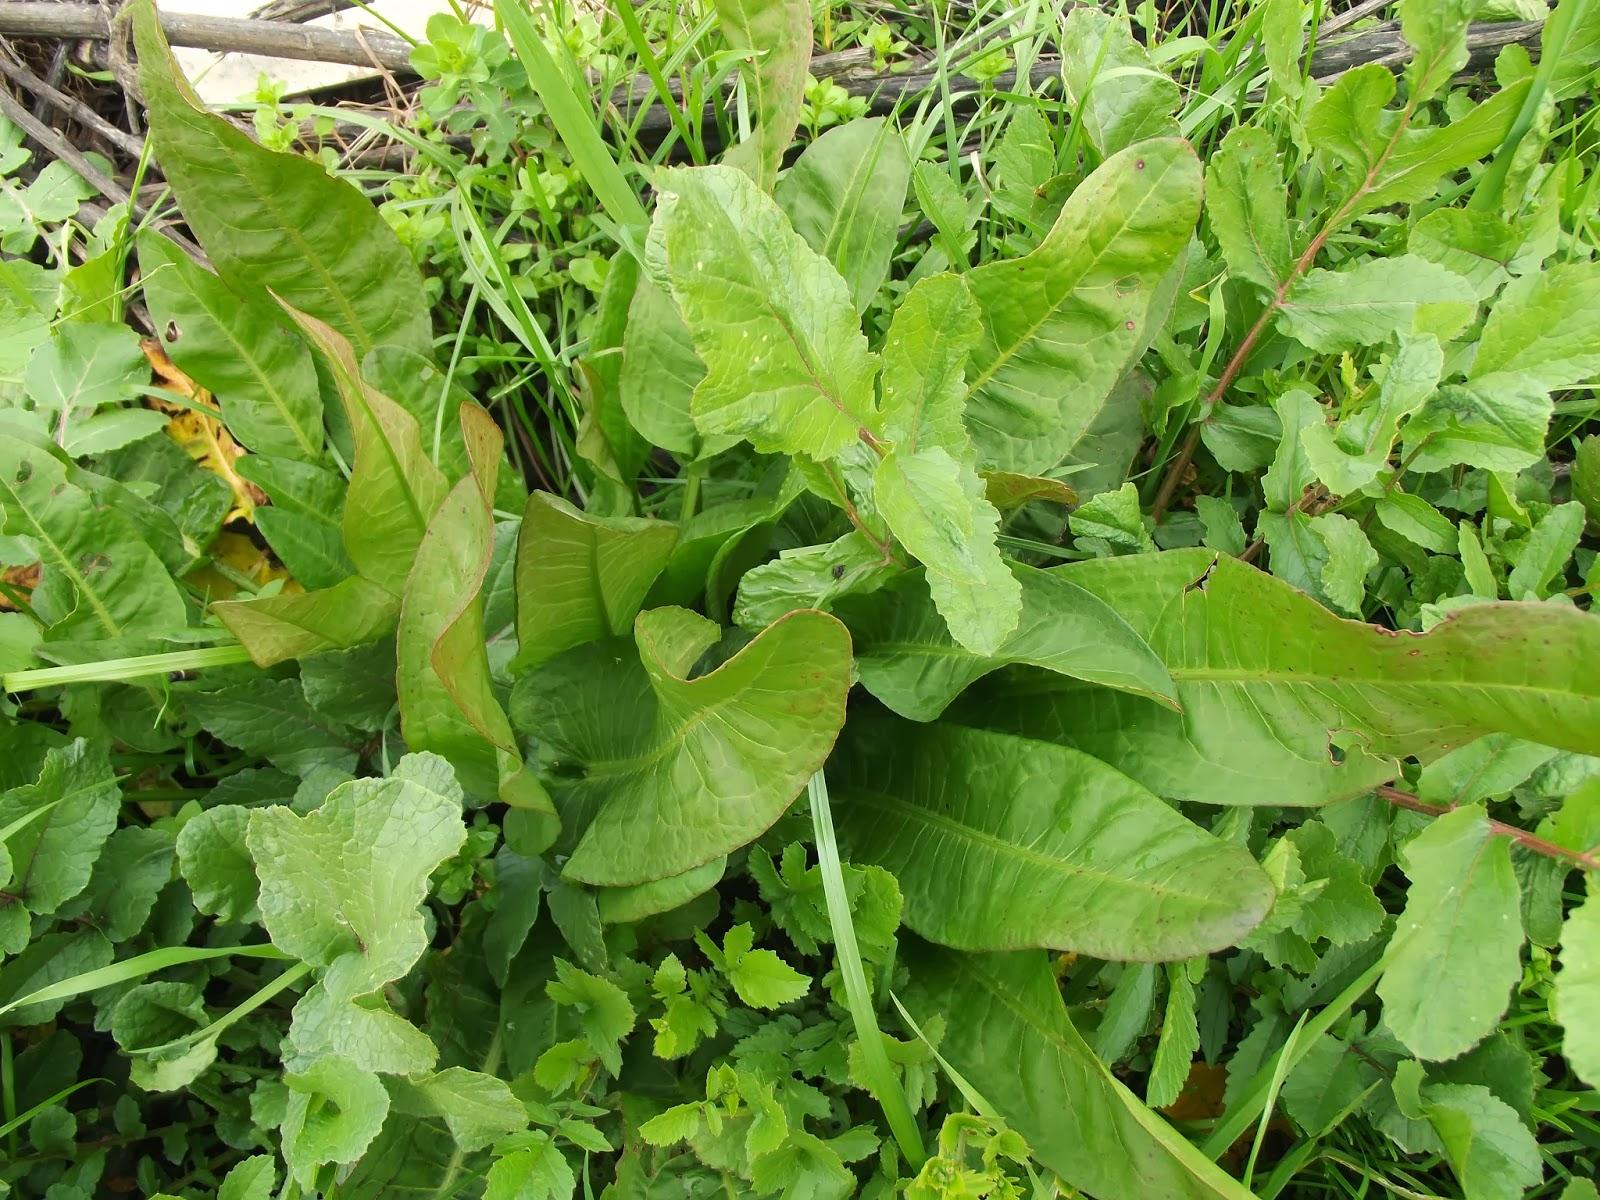 Bahçede baharatlı otlar yetiştiriyoruz